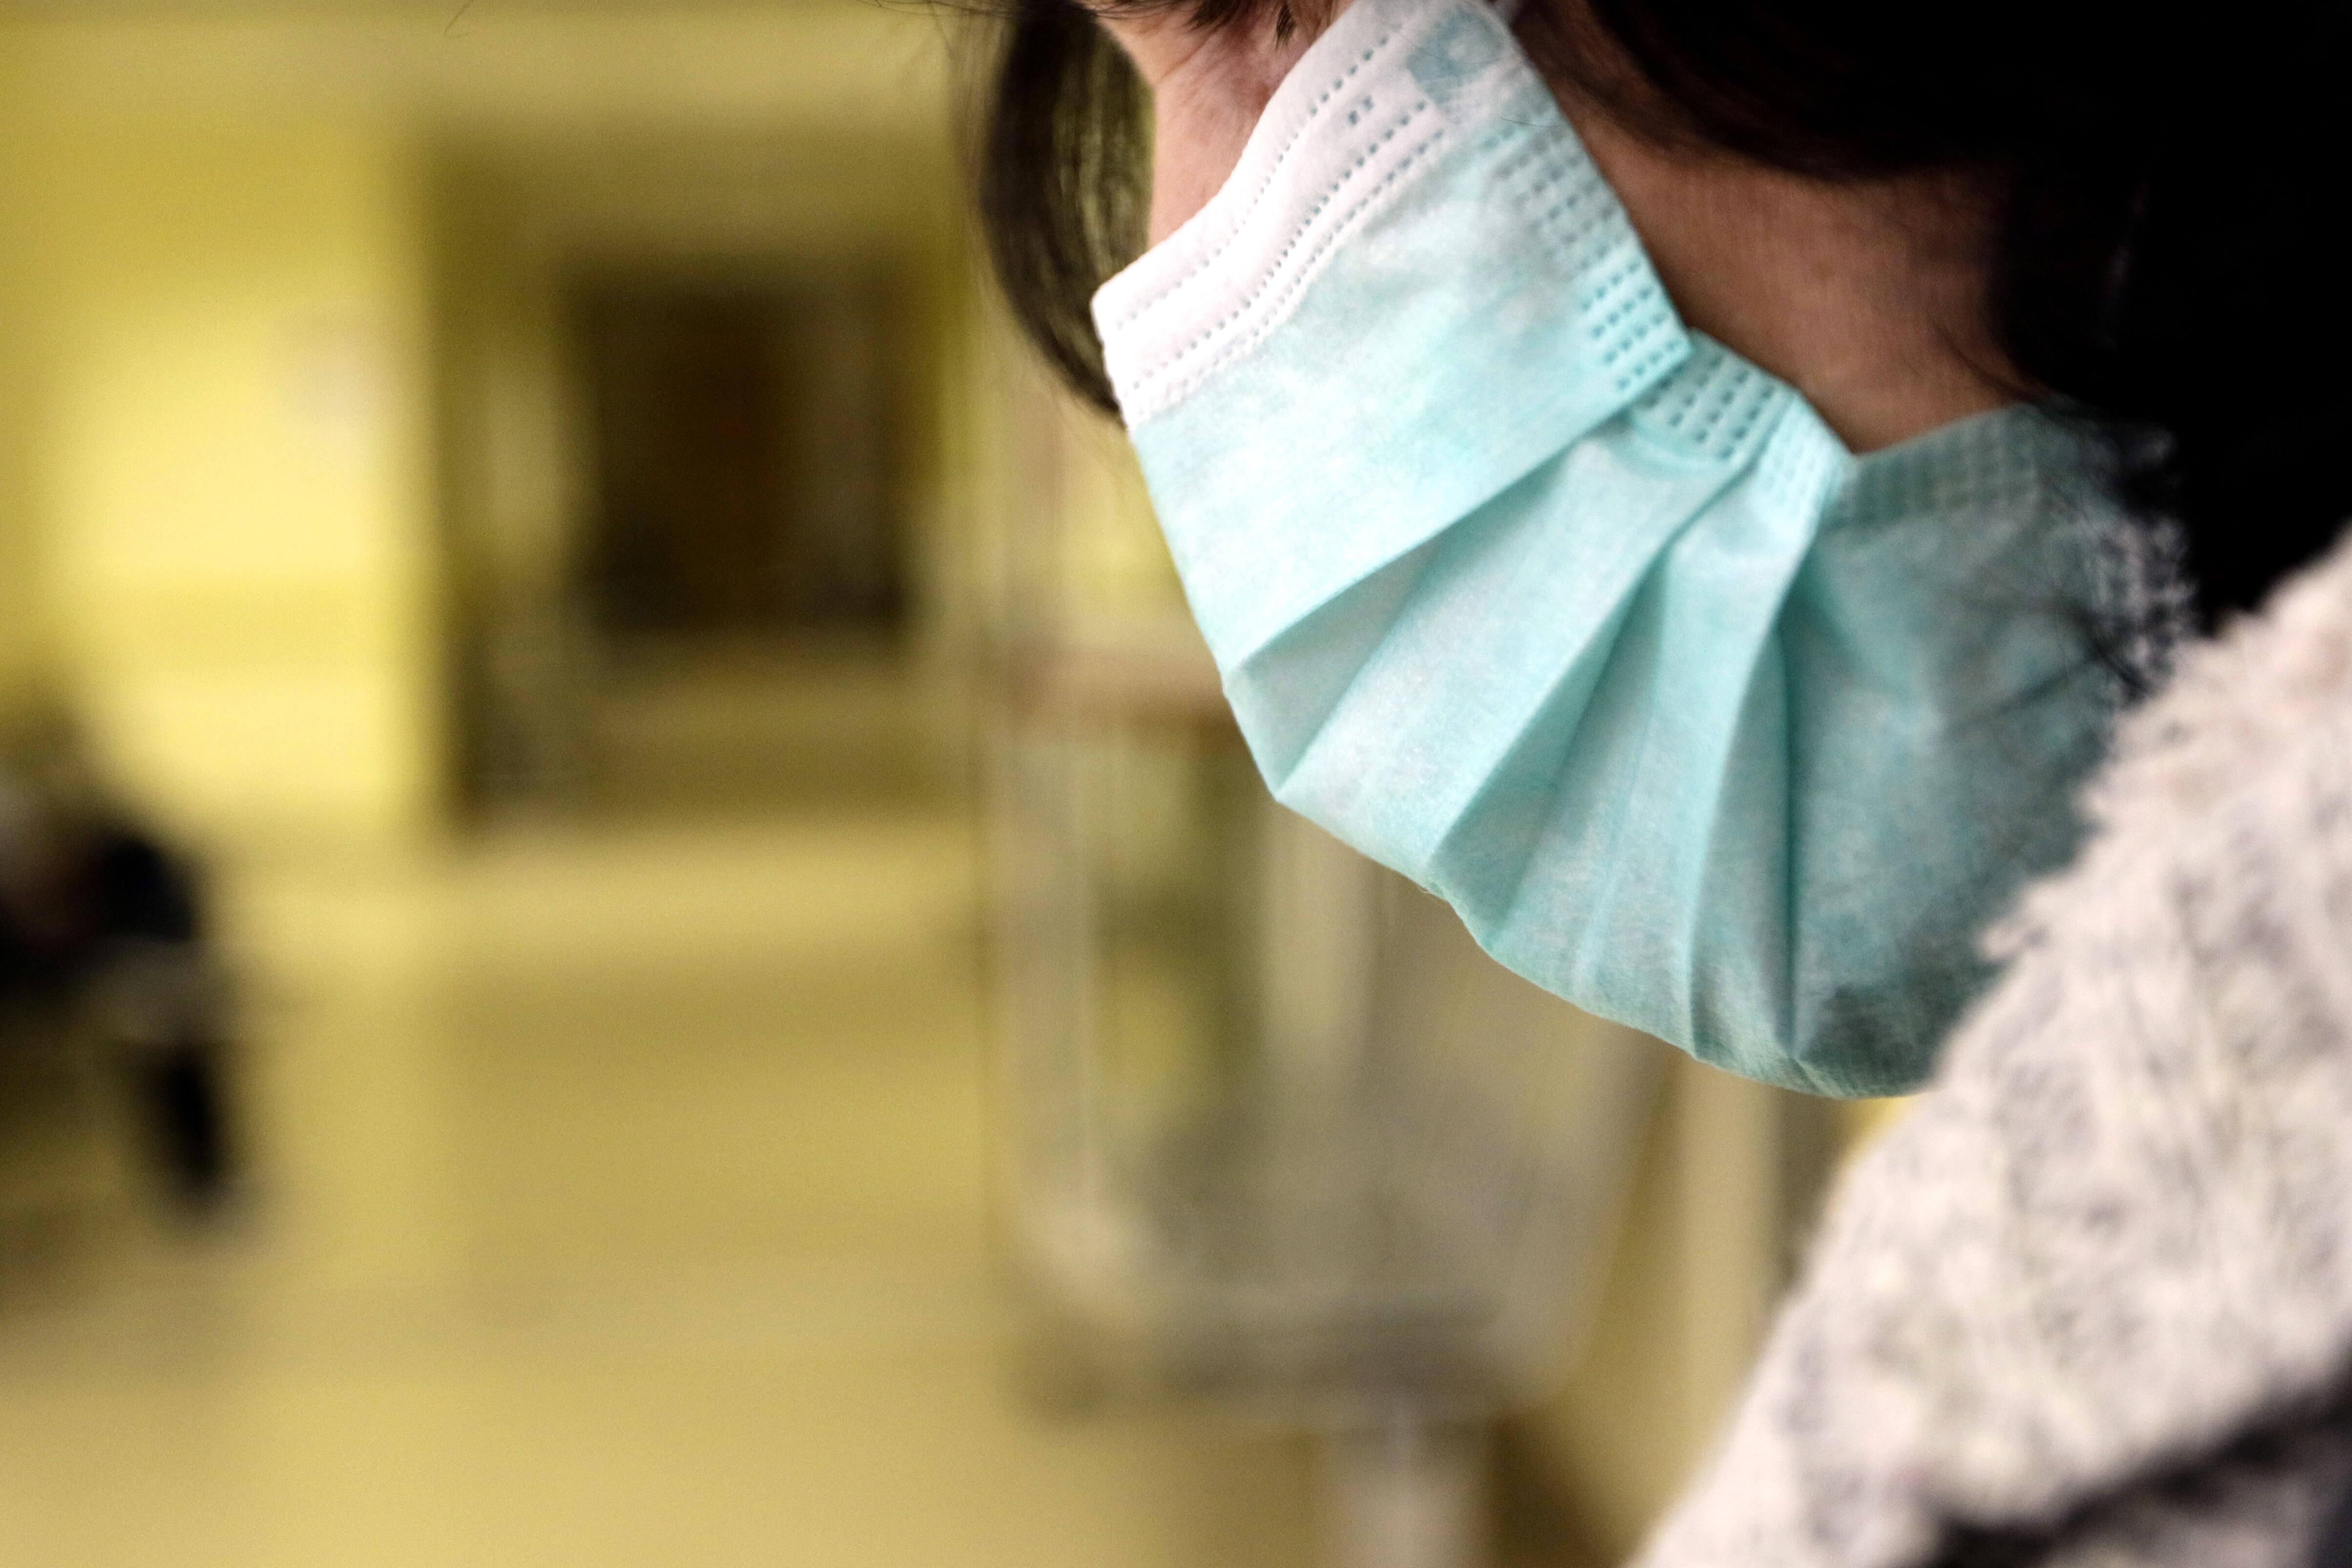 Ξάνθη – Κορονοϊός: Η βιοτεχνία που κάνει χρυσές δουλειές – Οι υποαλλεργικές μάσκες που παράγει